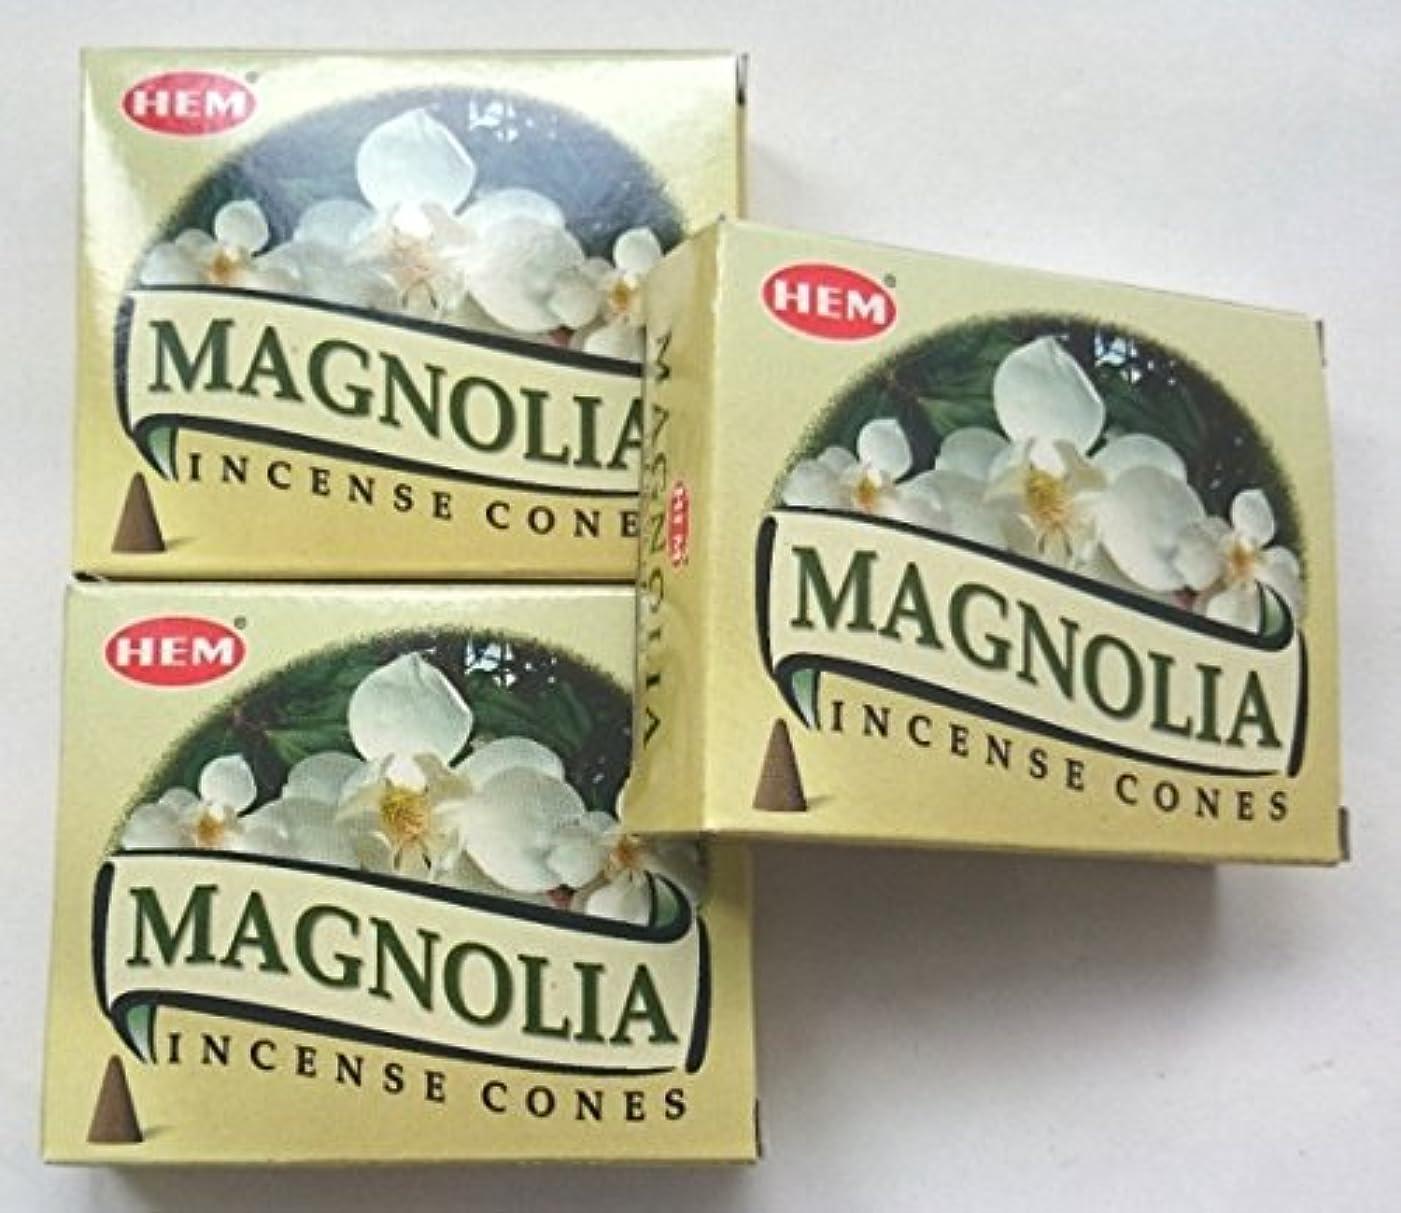 いいね急行するスクワイアHEM(ヘム)お香 マグノリア コーン 3個セット